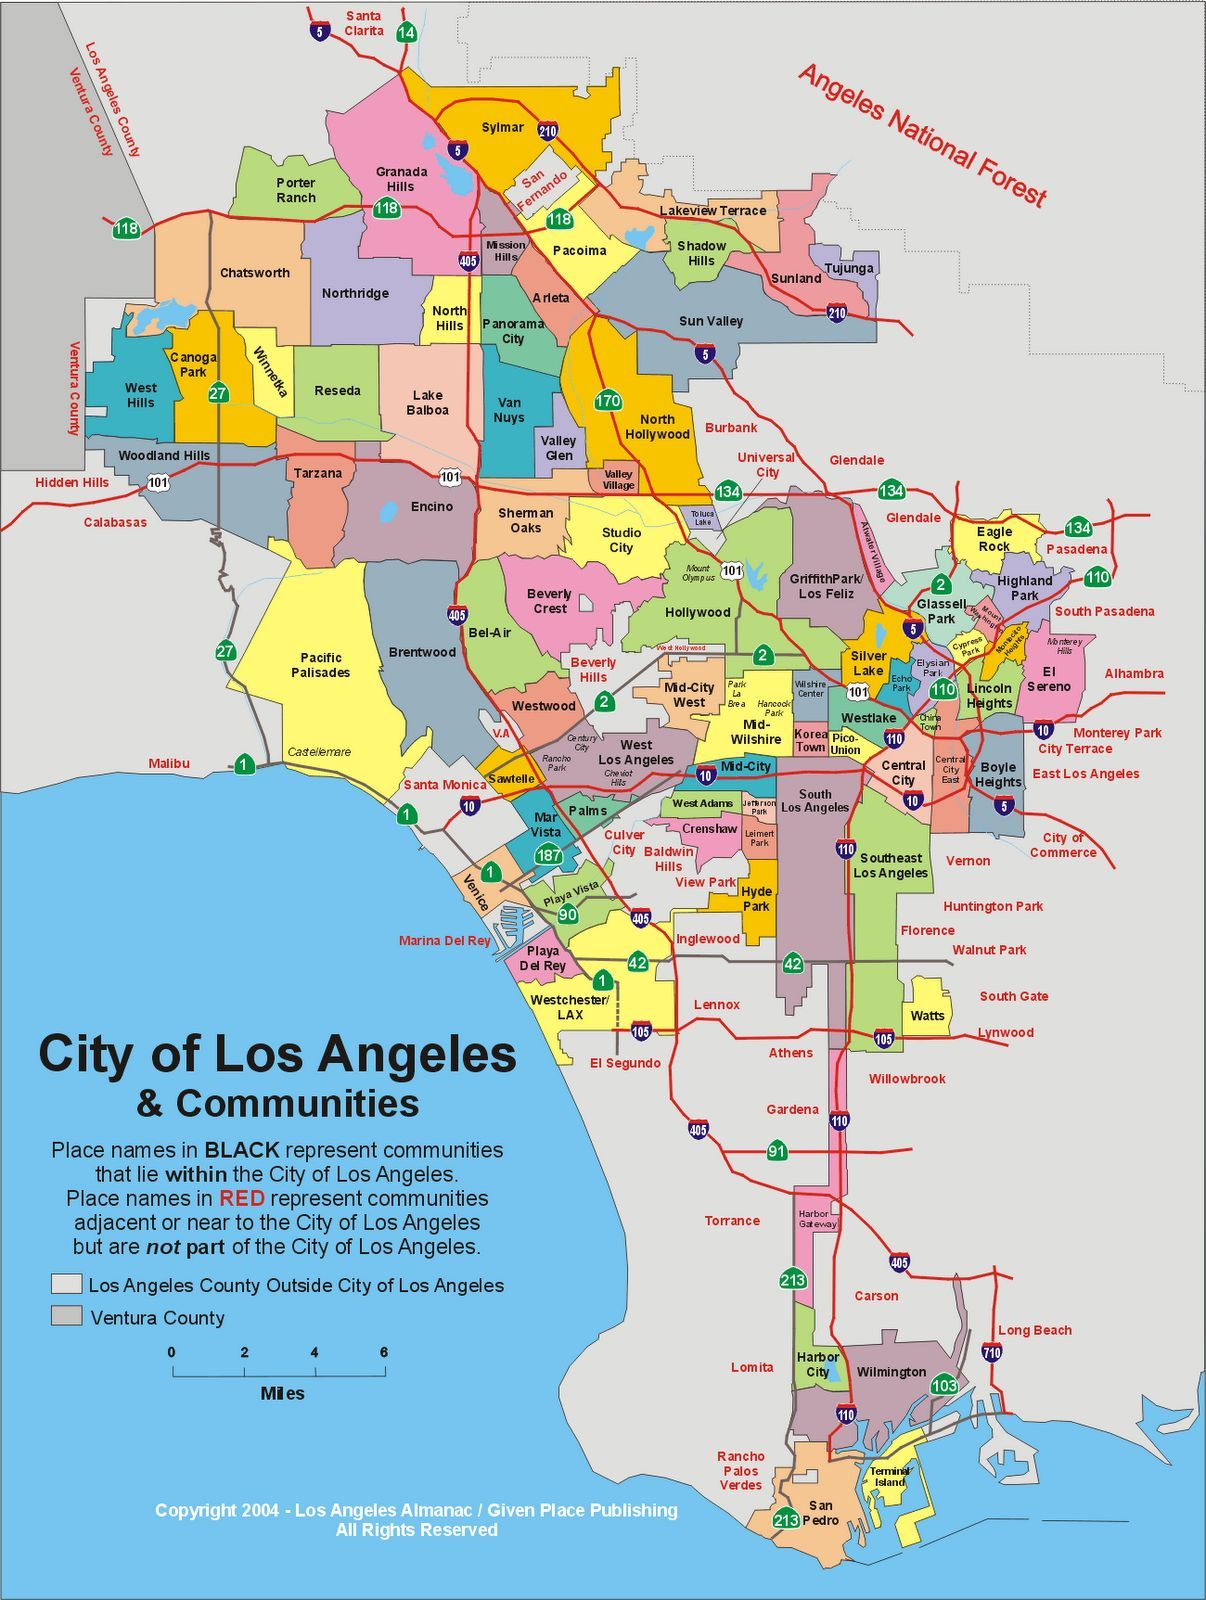 El distrito de LA donde discurre la serie se llama Farmington pero es ficticio, ¿En que divisón real está basado?